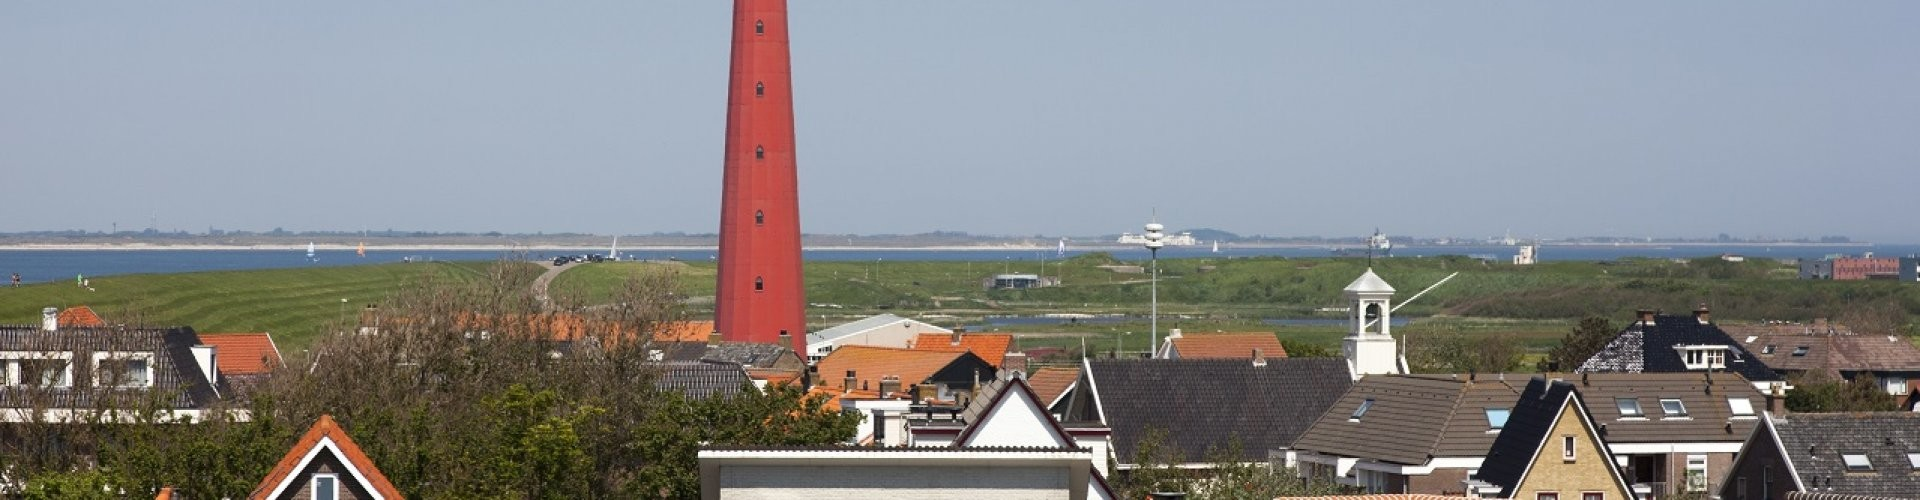 Hypotheek oversluiten in Den Helder